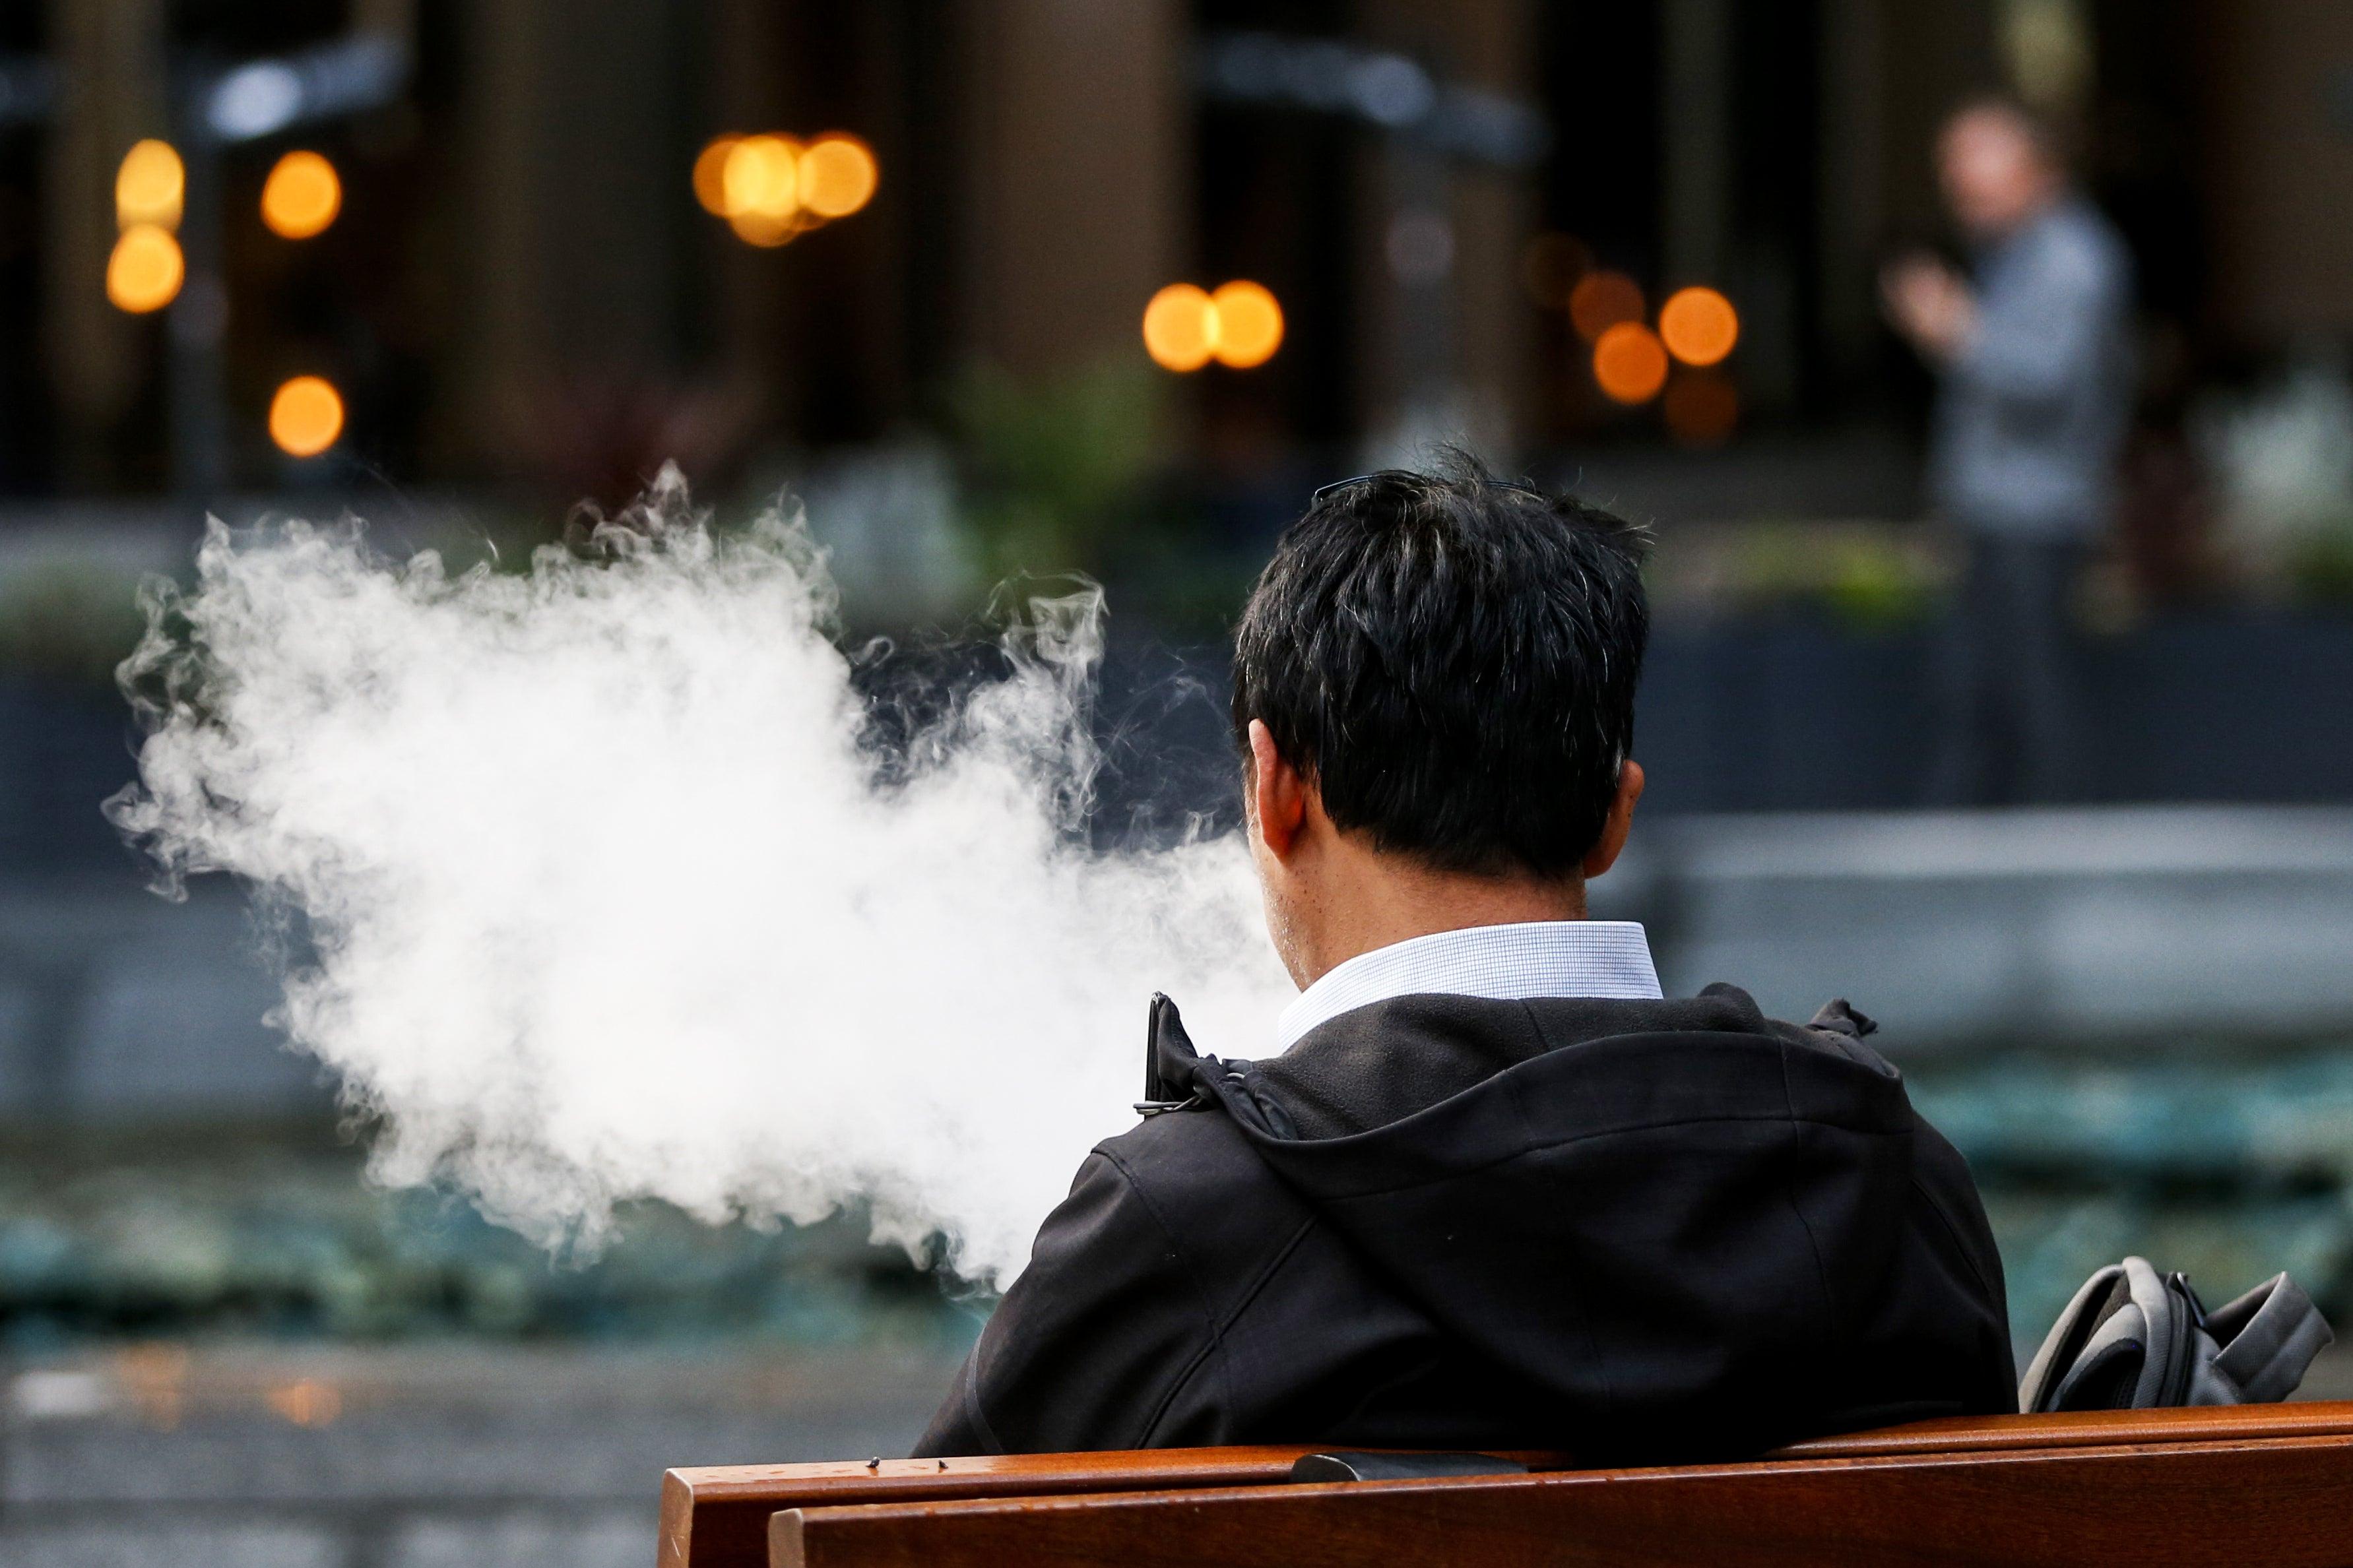 Smoking or Vaping May Increase the Risk of a Severe Coronavirus ...